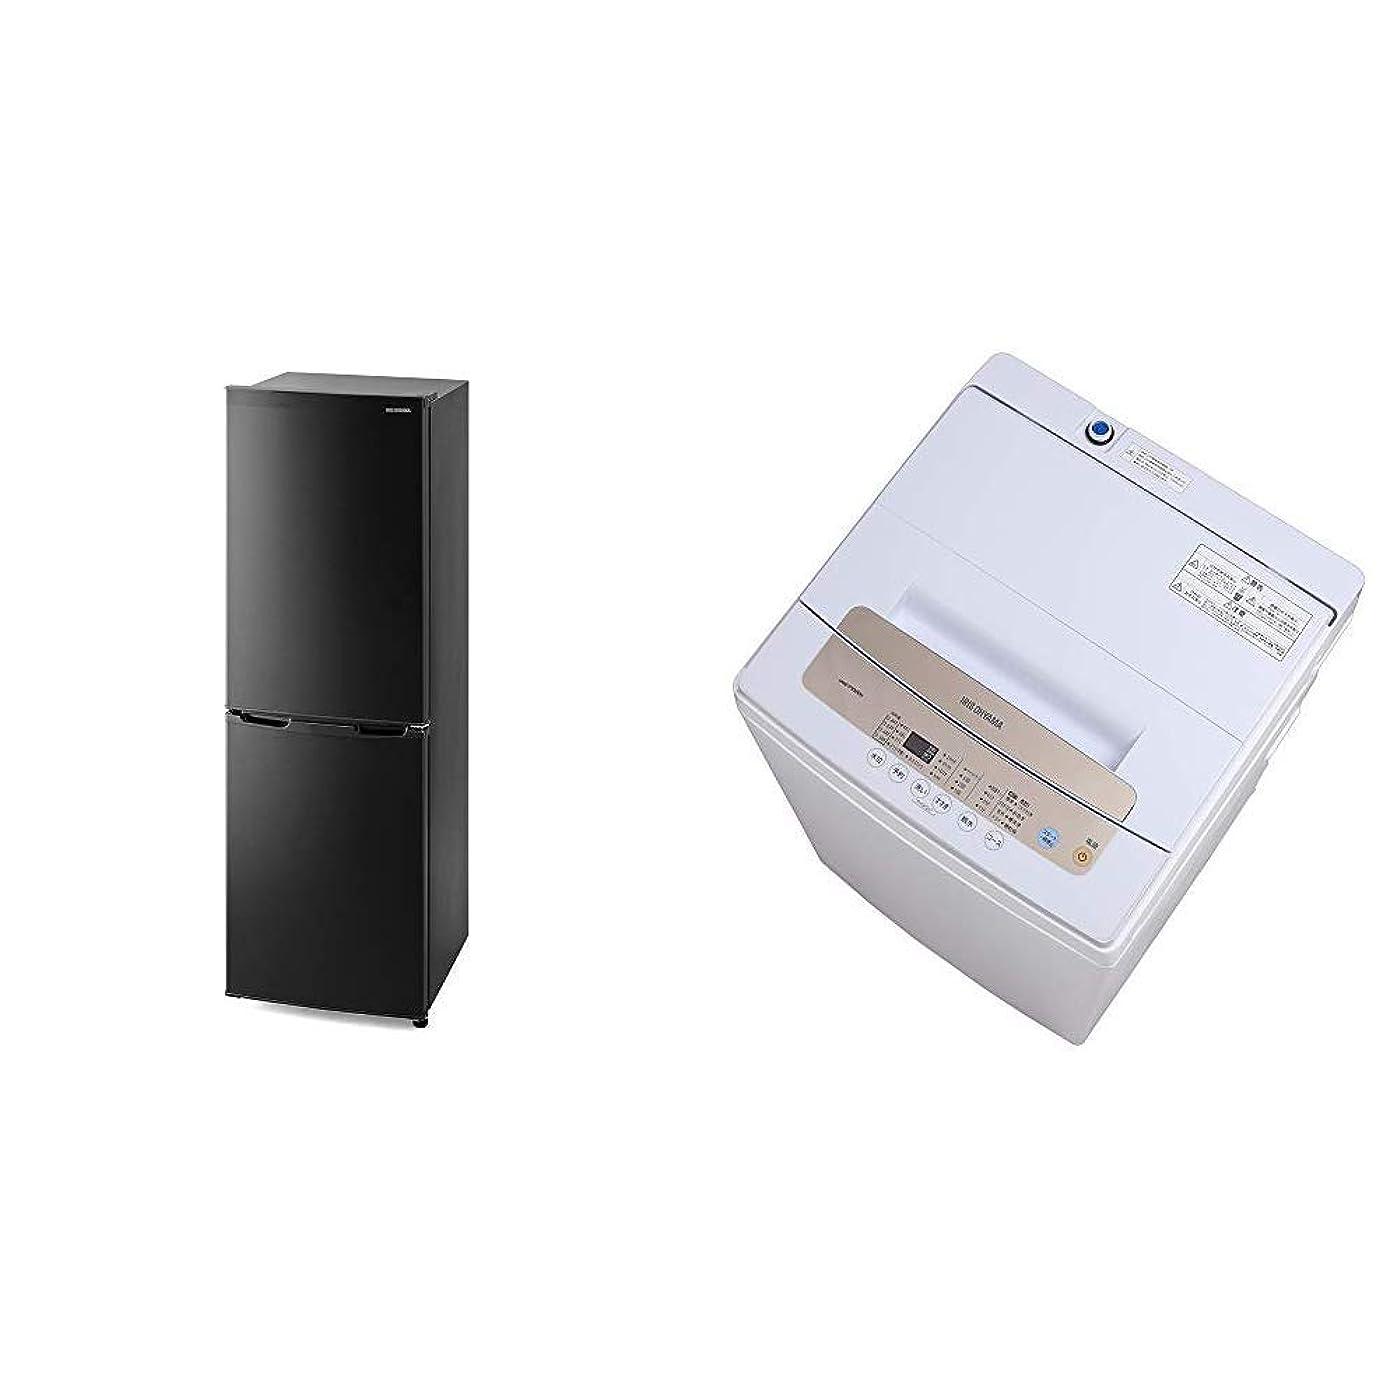 脳驚いたことに経験的【セット買い】アイリスオーヤマ 冷蔵庫 162L 静音 省エネ ノンフロン 冷凍冷蔵庫 ブラック IRSE-16A-B & 全自動洗濯機 一人暮らし 5kg 簡易乾燥機能付き IAW-T502EN